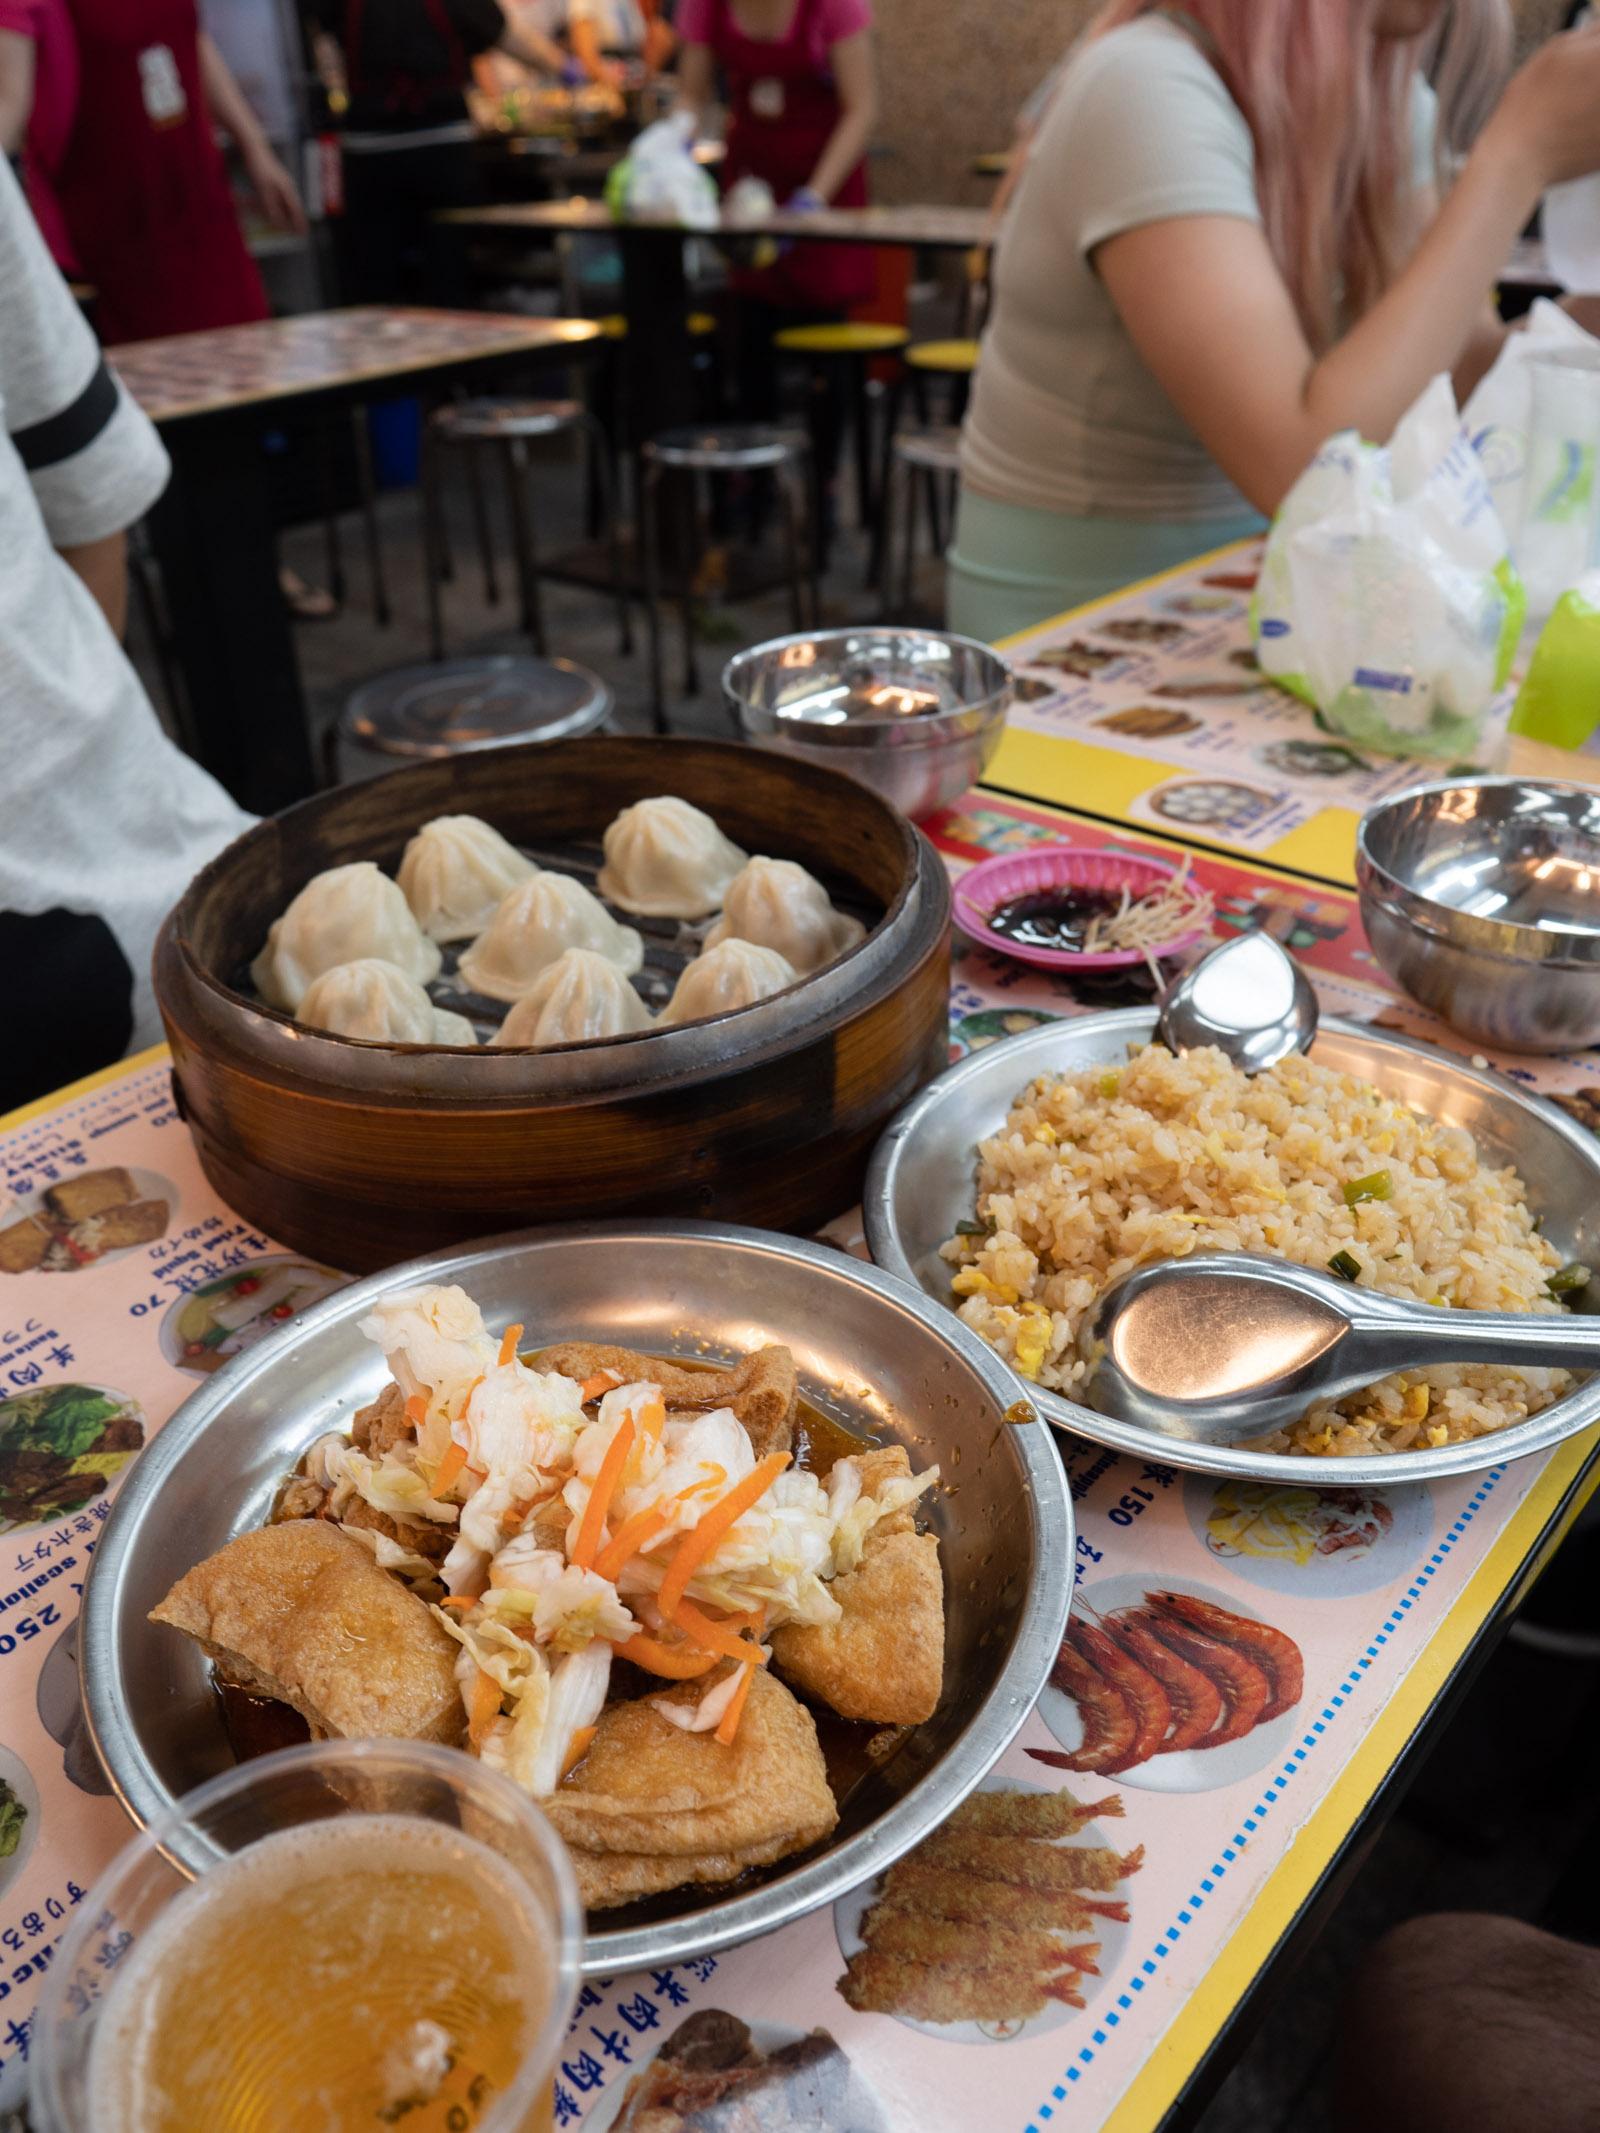 士林夜市地下フードコートの臭豆腐、小籠包、牡蠣オムレツ、炒飯